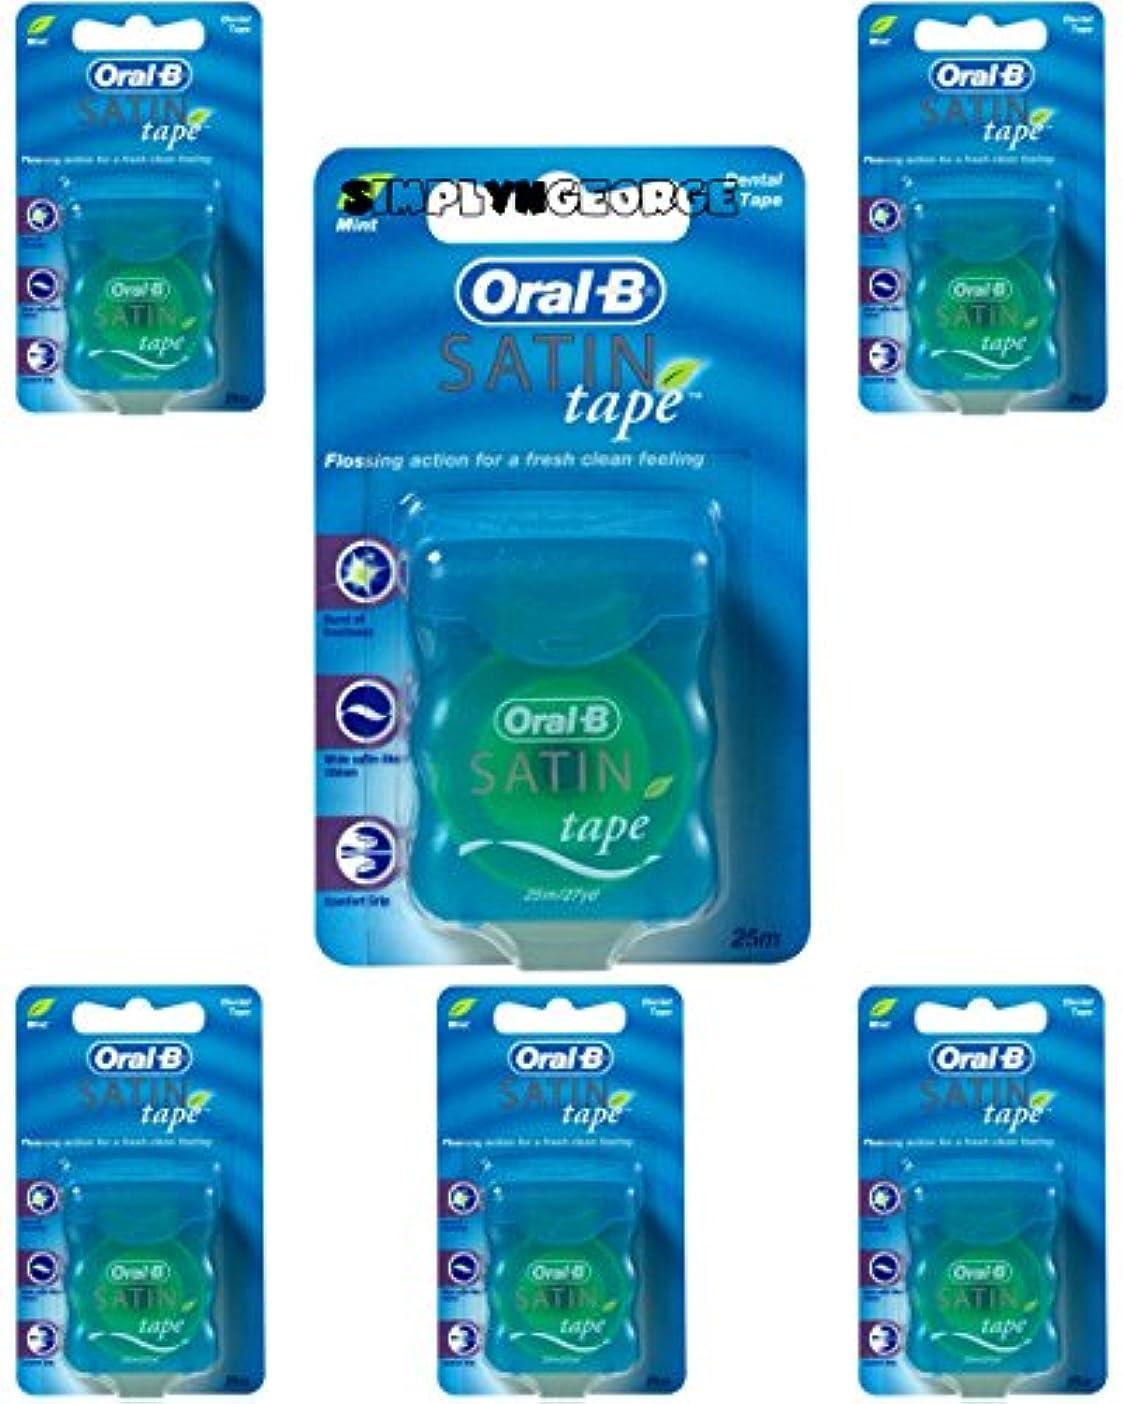 業界急襲水銀のOral-B Statin Tape Dental Floss 25m (6 Units) by Oral-B Satin Tape Mint